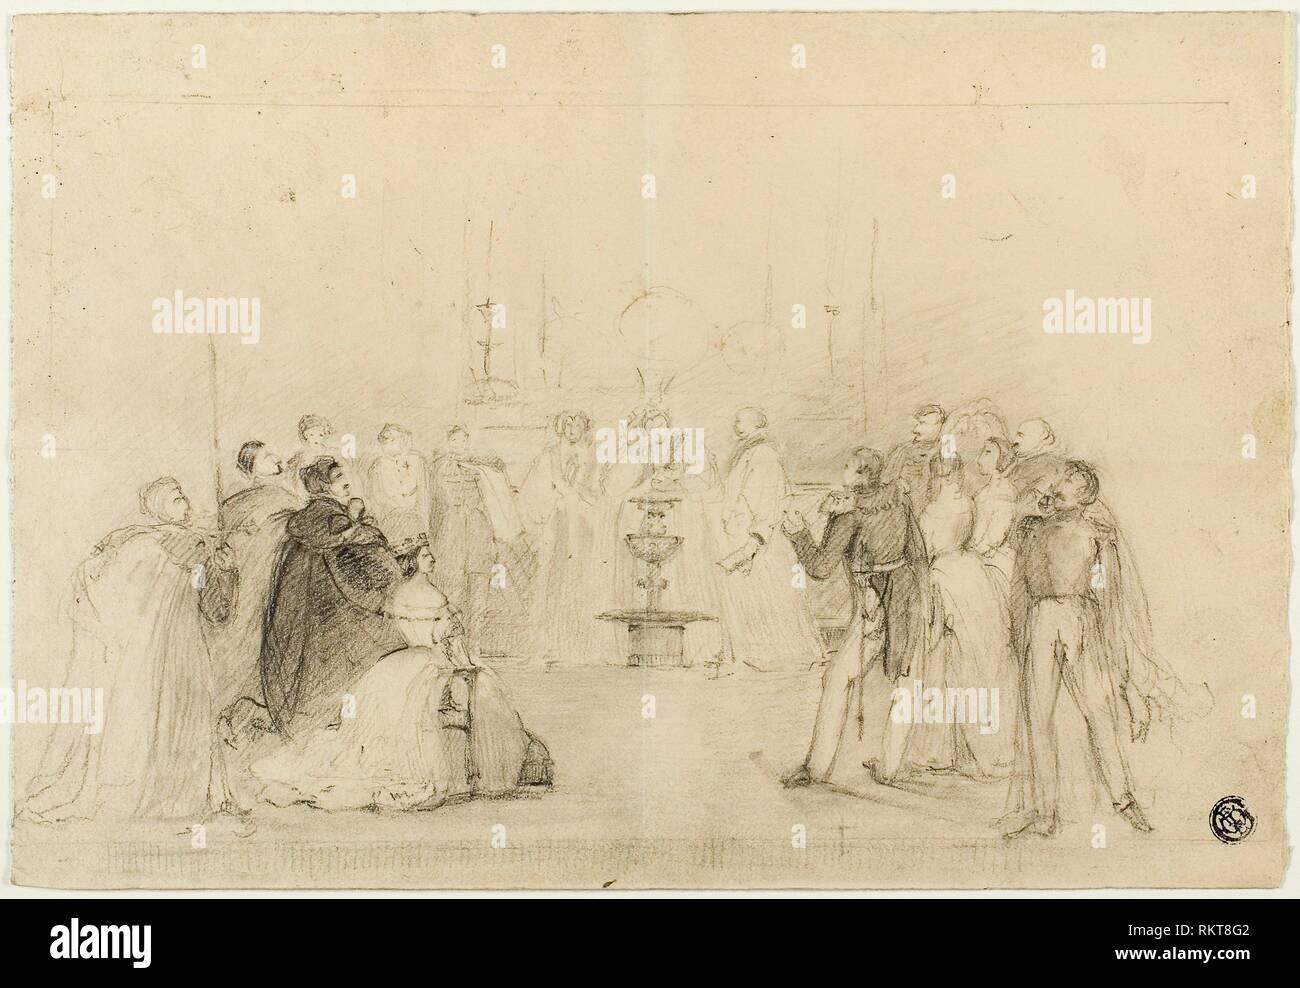 Studio - probabilmente John Hayter inglese, 1800-dopo il 1891 - Artista: John Hayter, Origine: Inghilterra, Data: 1800-1899, media: gesso nero, con sconcertante, su Immagini Stock